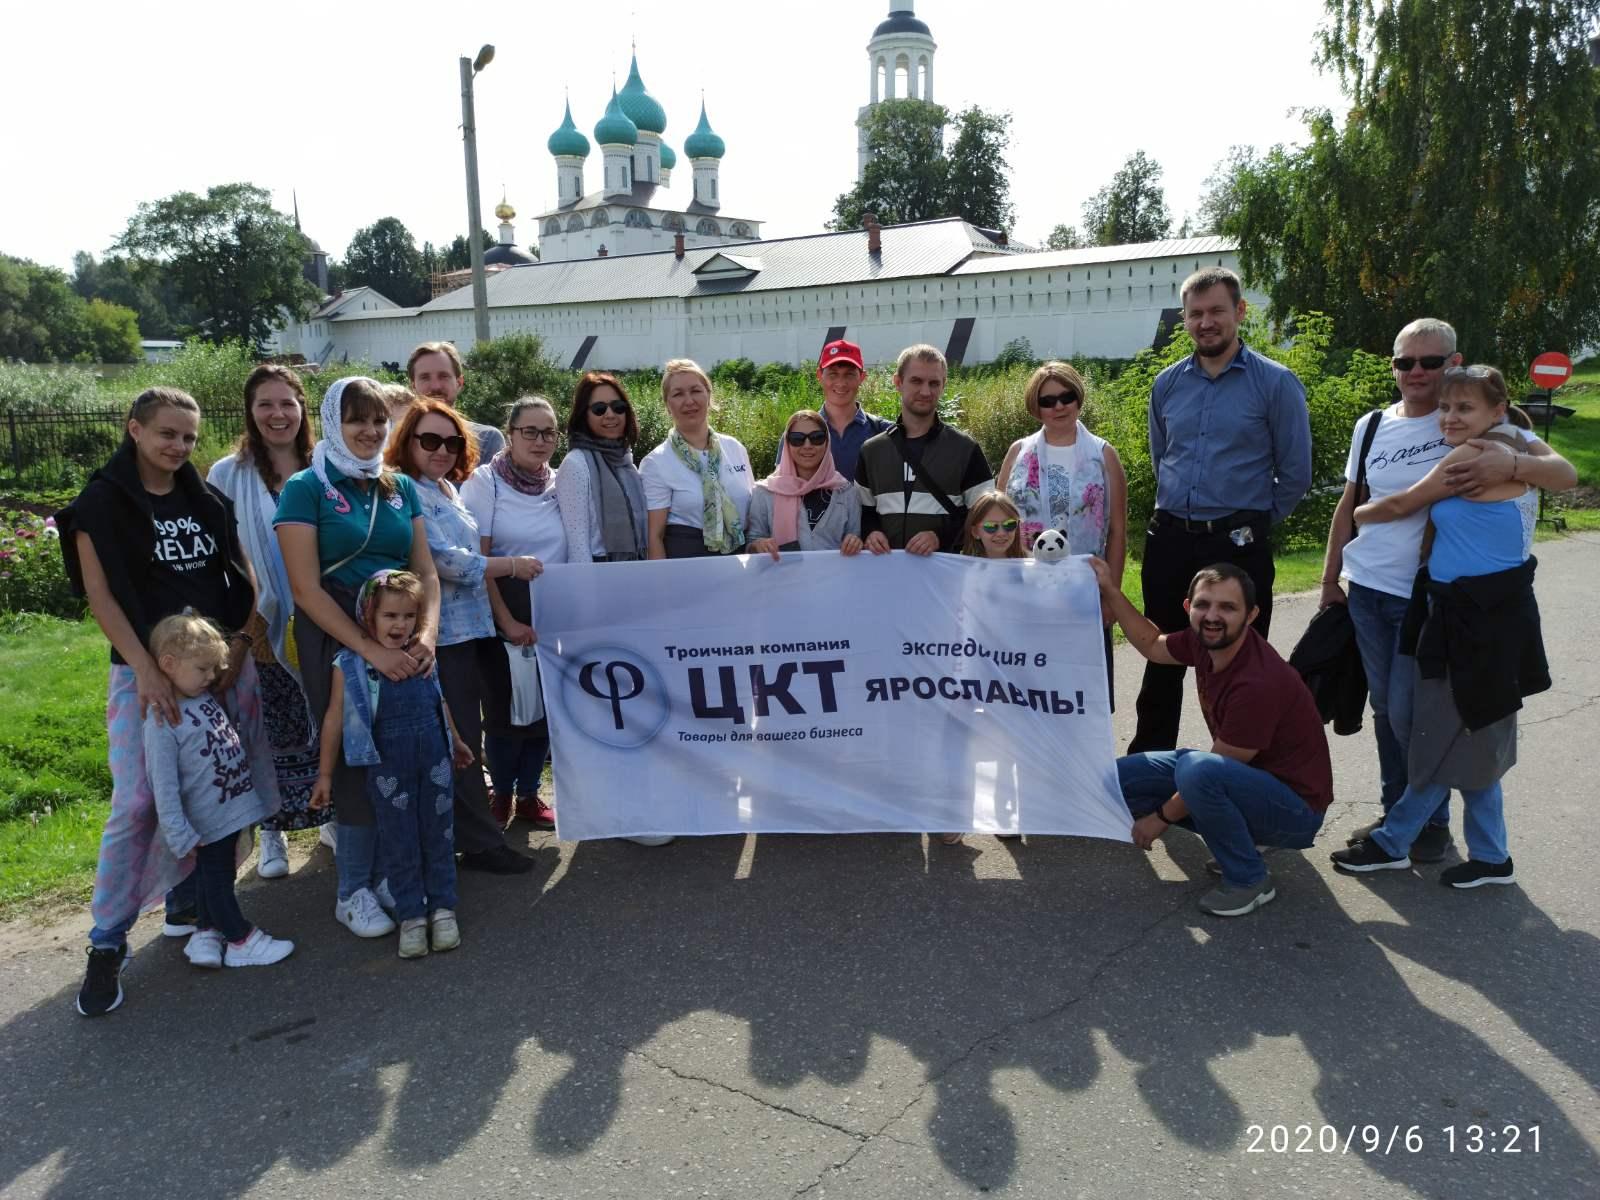 Экспедиция с ЦКТ в г. Ярославль 2020